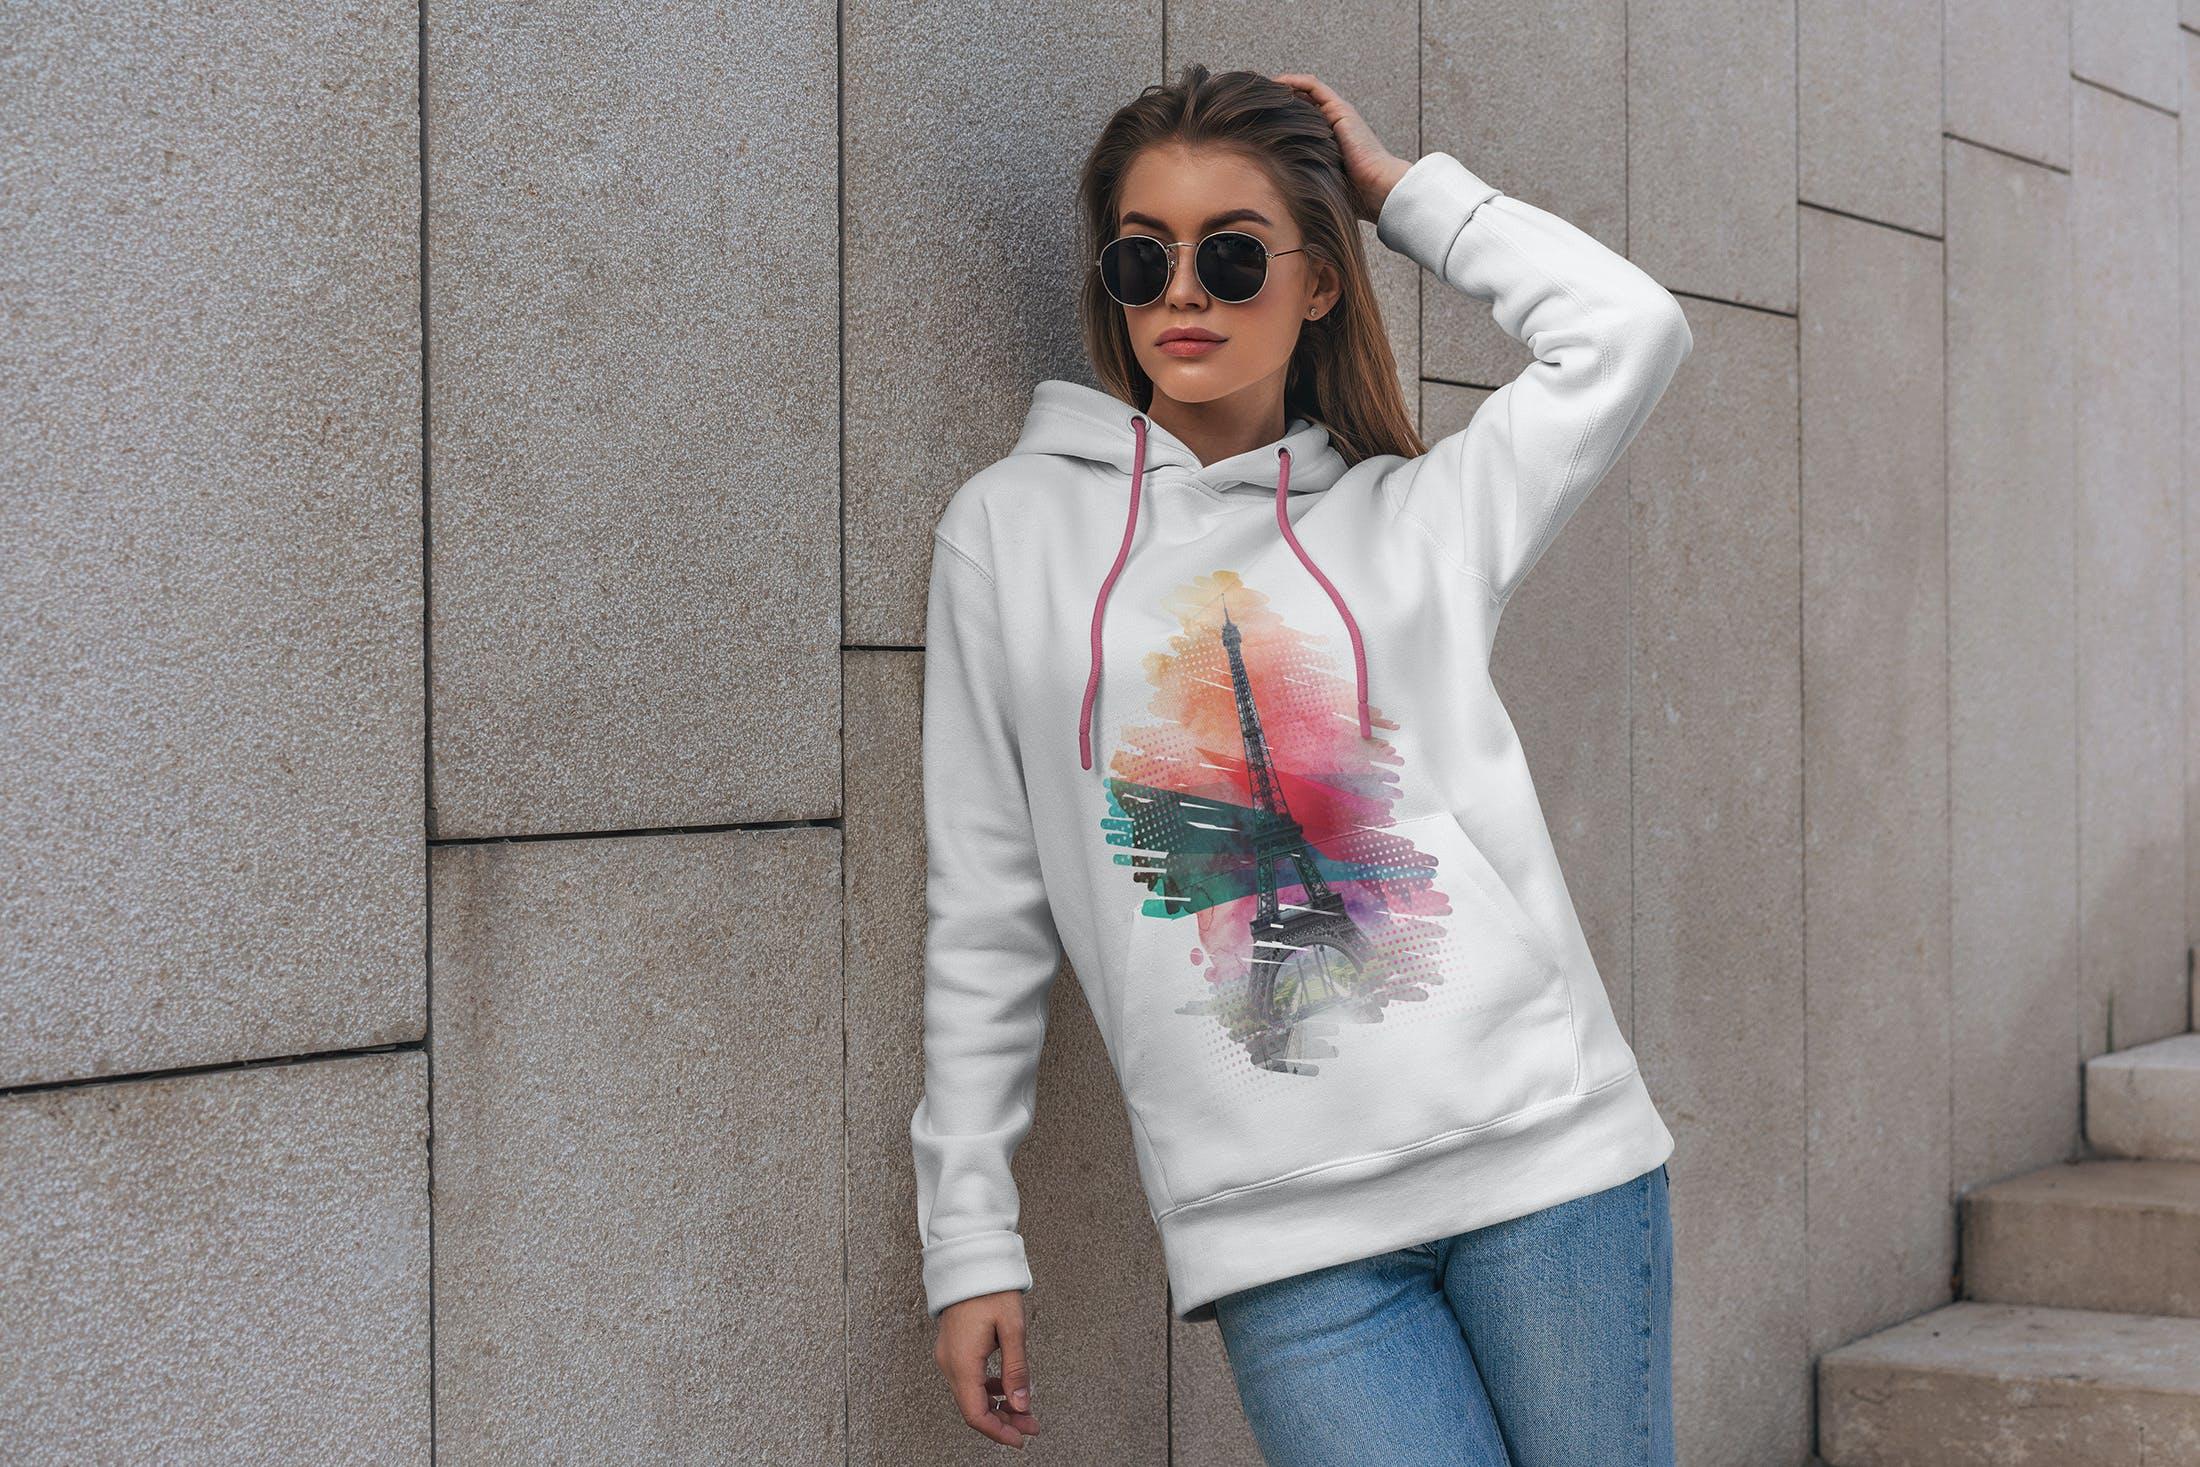 15款女孩连衣帽卫衣印花设计展示样机 Hoodie Mockup Street Fashion插图(4)